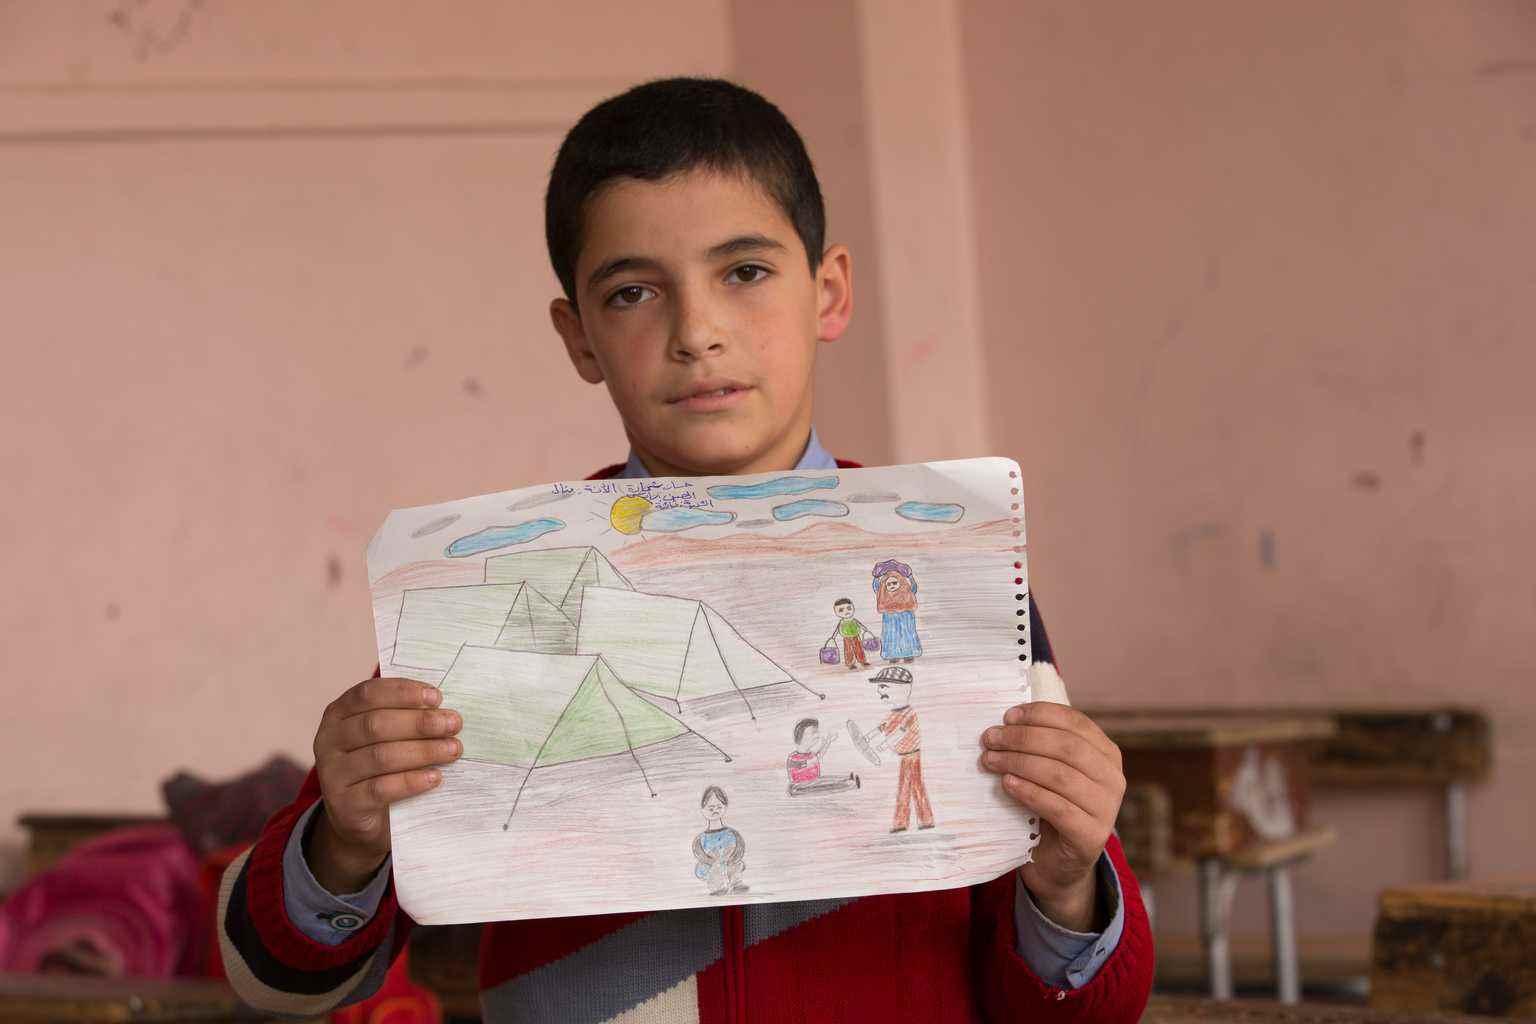 """حسن يحمل صورة لمخيم سوري للاجئين رآه في الأخبار. """"كنت حزينا للغاية عندما رأيت هؤلاء الناس على التلفزيون، ليس لديهم أي شيء""""، ثم نزحت عائلة حسن من مدينة حمص القديمة، والتقطت هذه الصورة قبل خمس سنوات- كانون الأول 2016 (يونيسيف)"""